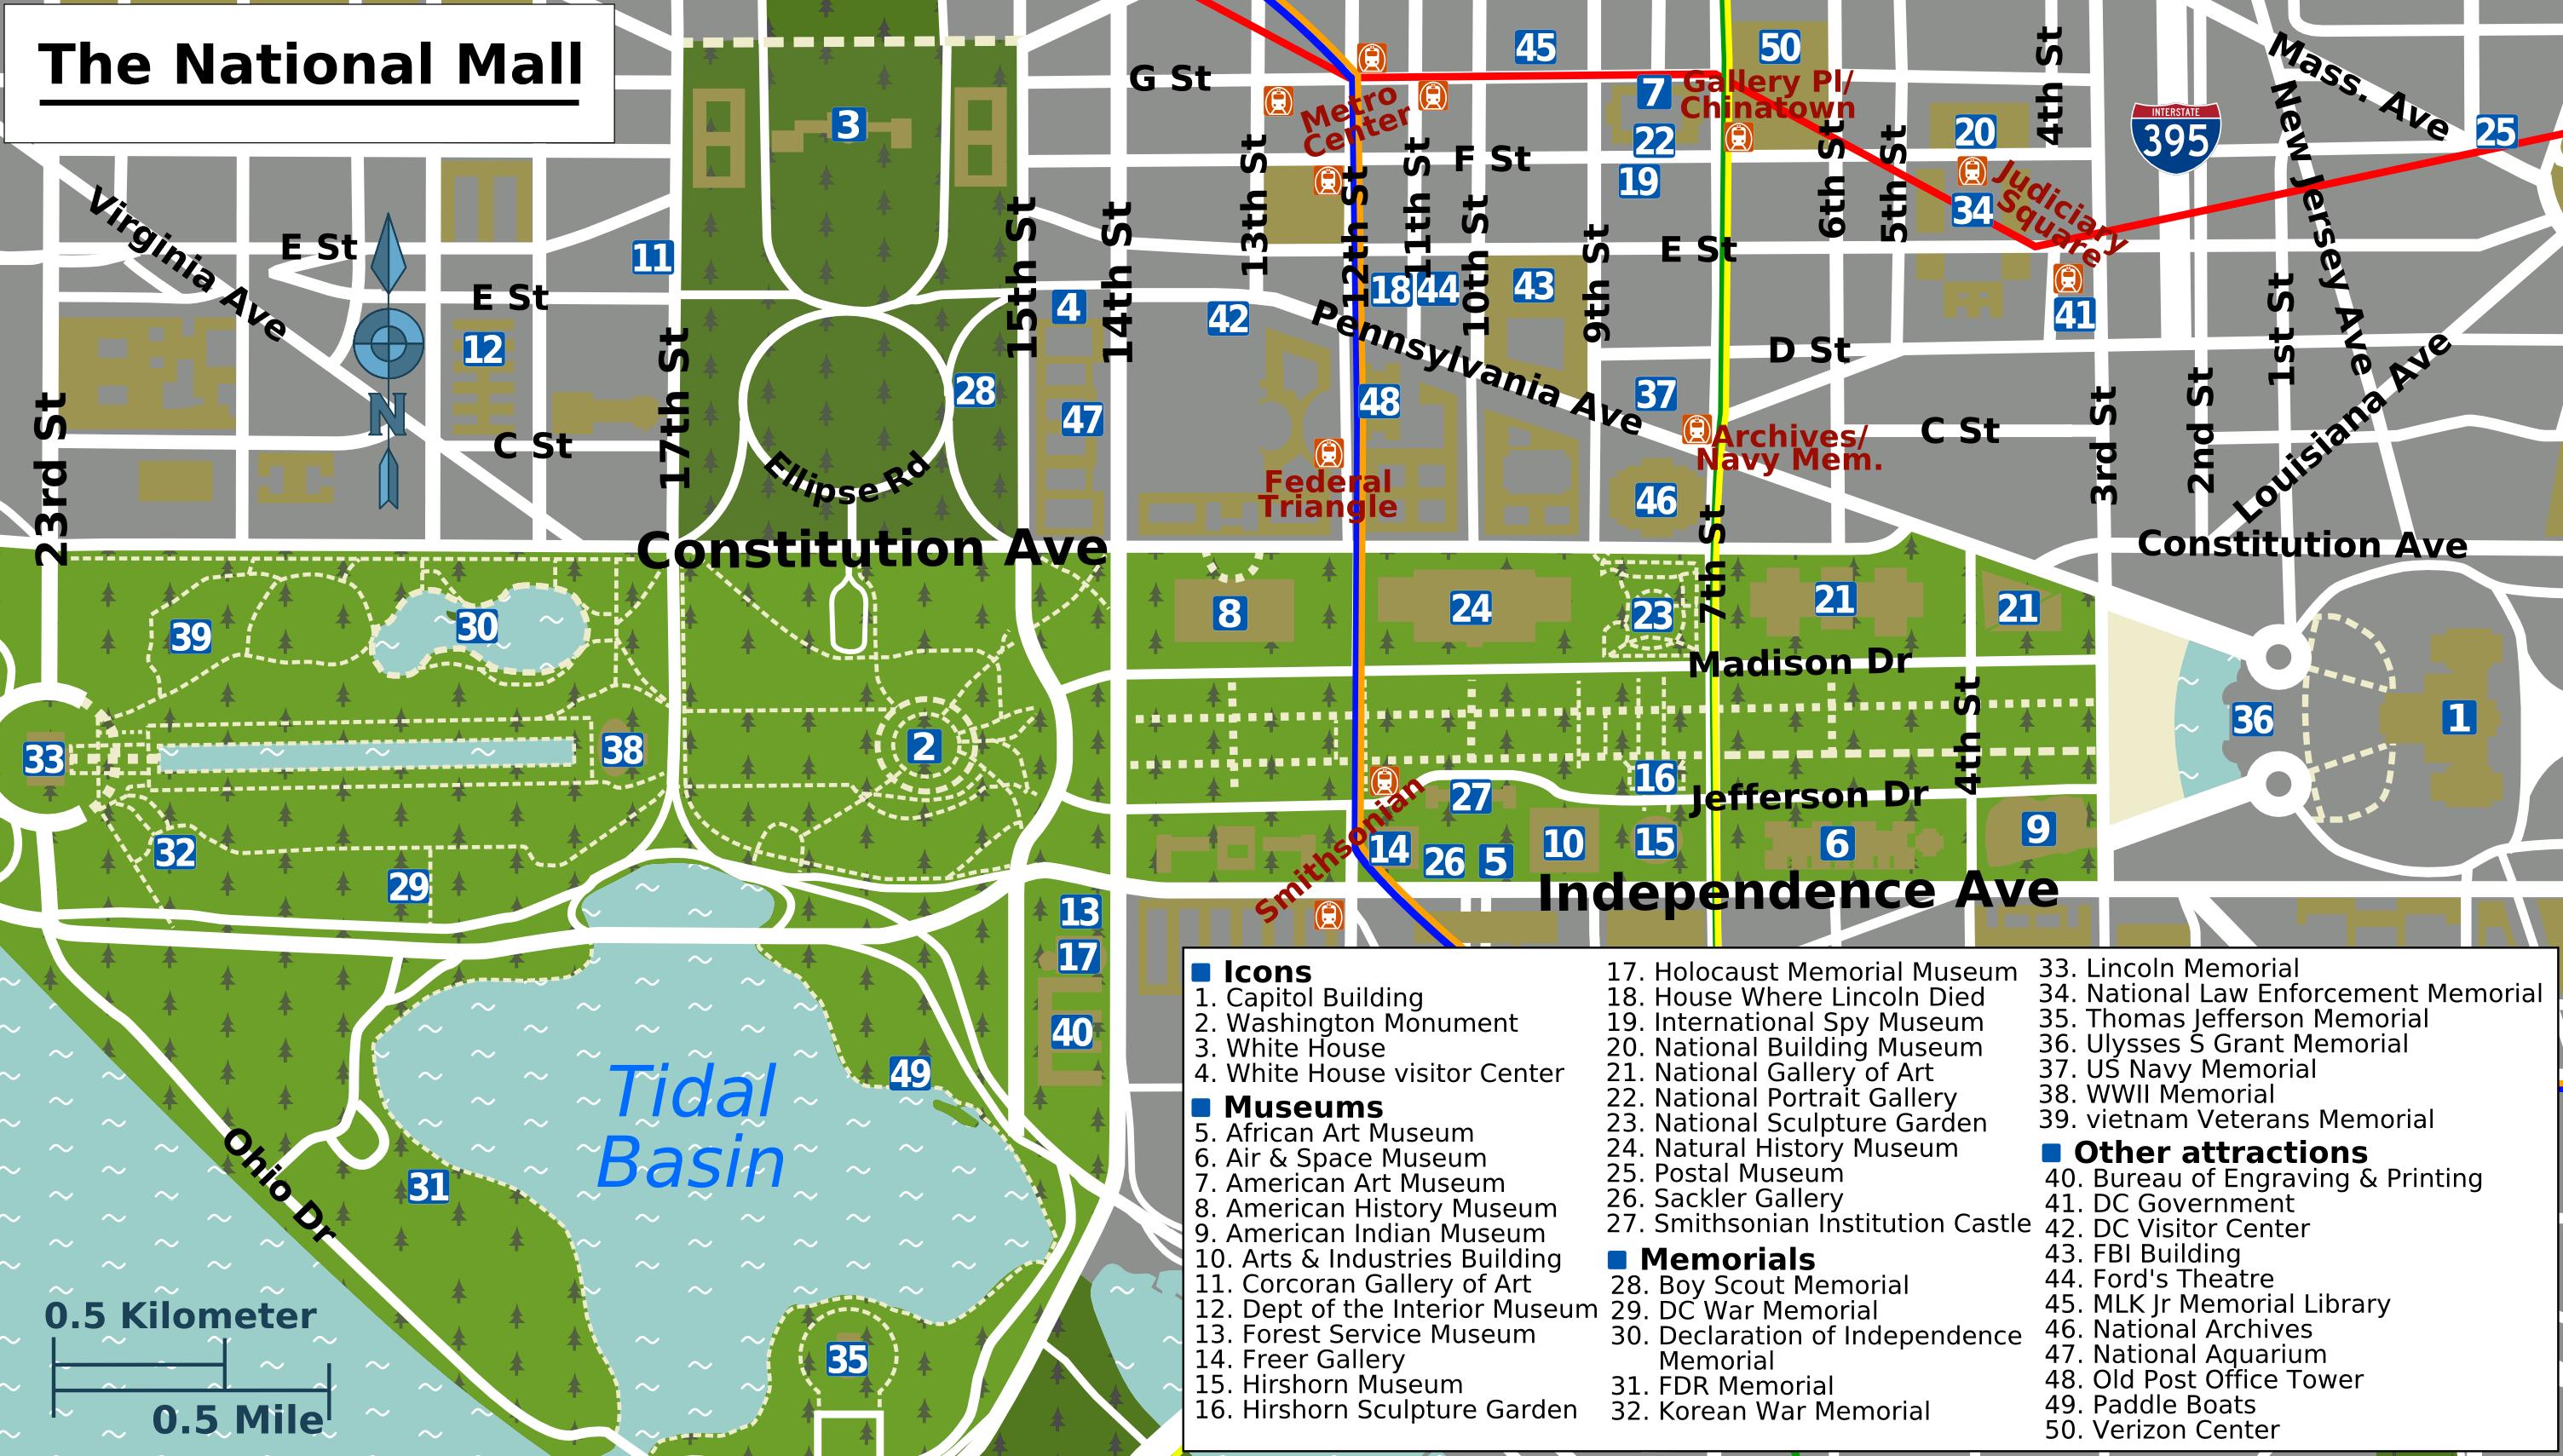 Printable Map Washington Dc | National Mall Map - Washington Dc - National Mall Map Printable